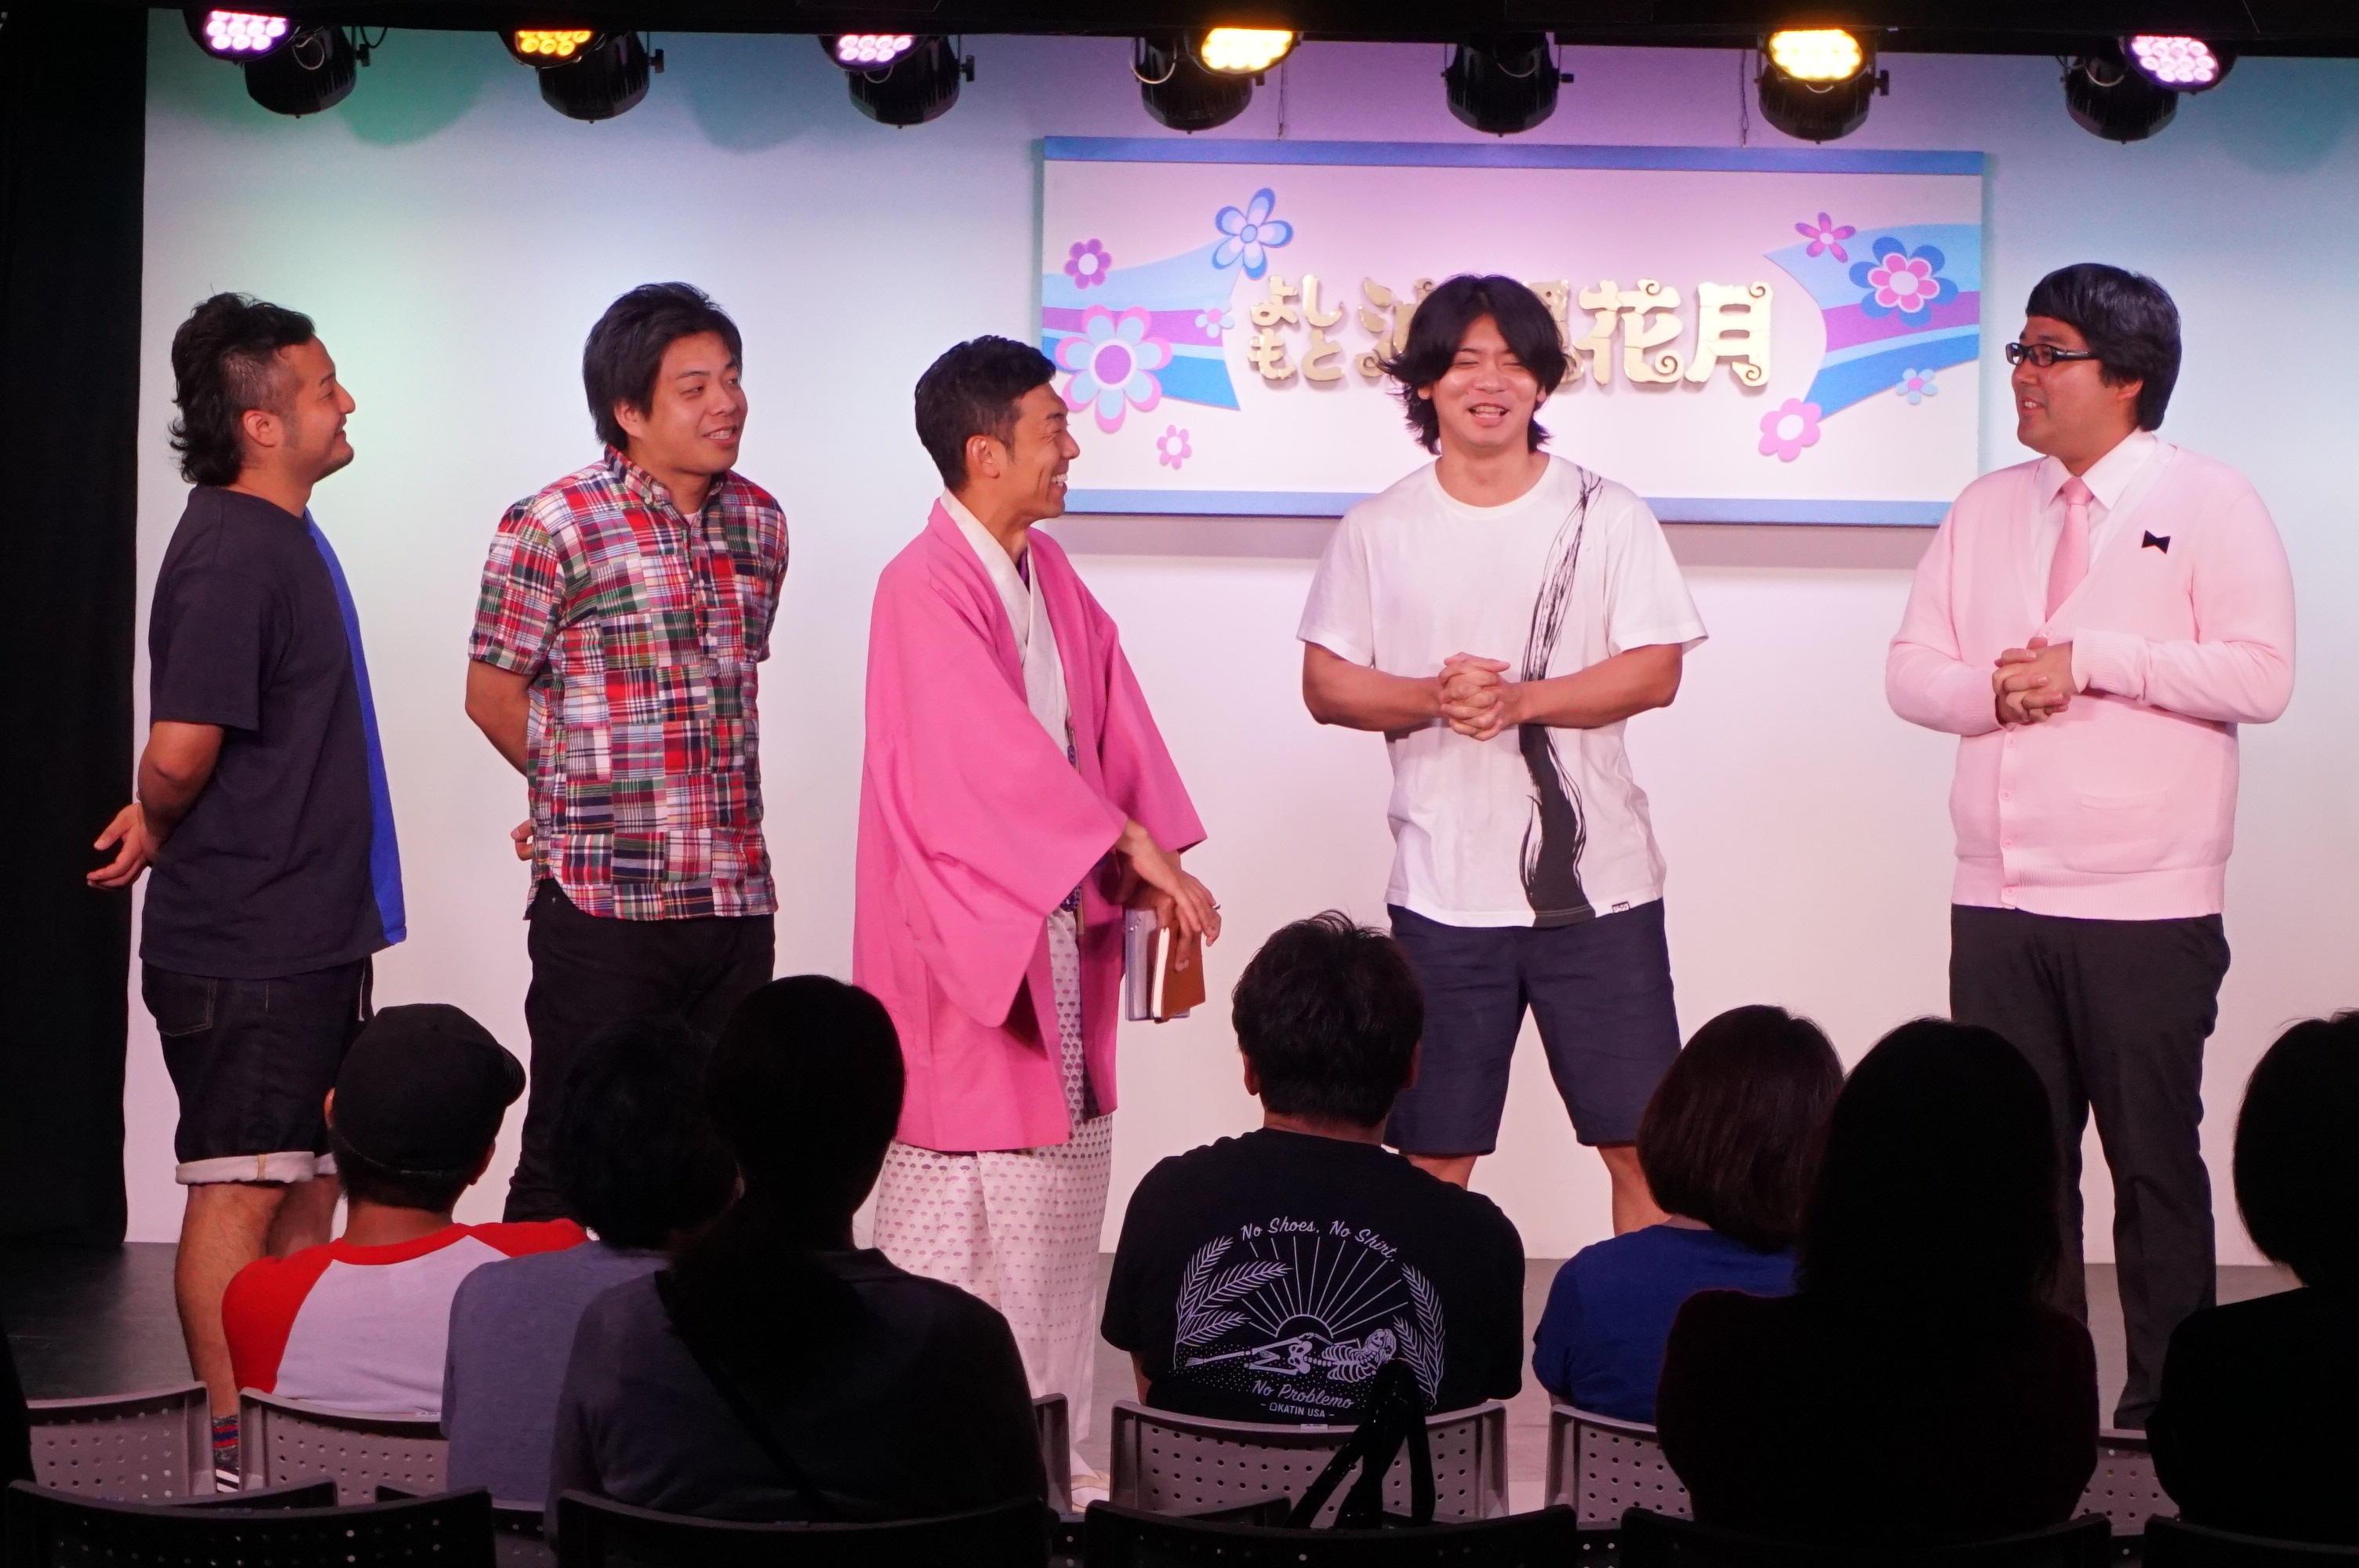 http://news.yoshimoto.co.jp/20180822203958-4cdc820691435c33a8862ad5b4ef111326abbf5b.jpg